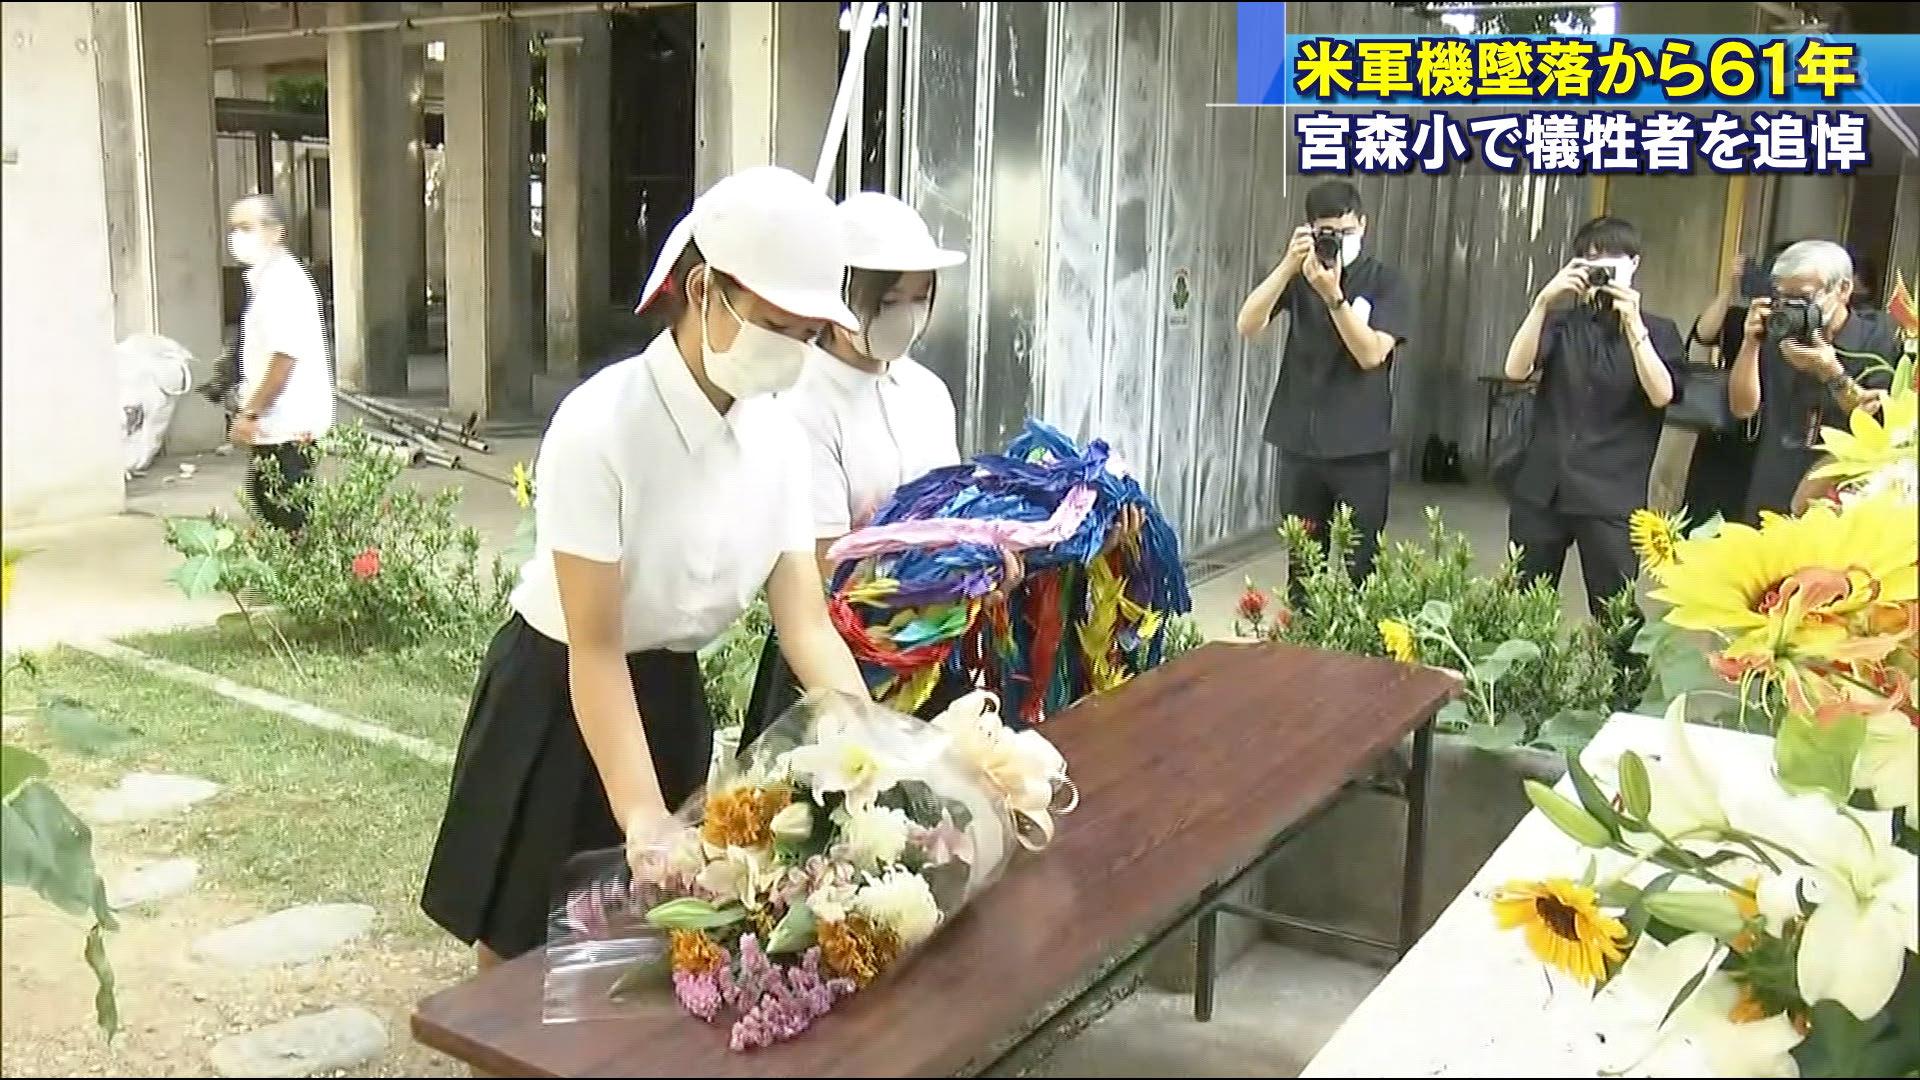 宮森小米軍機墜落から61年で追悼集会